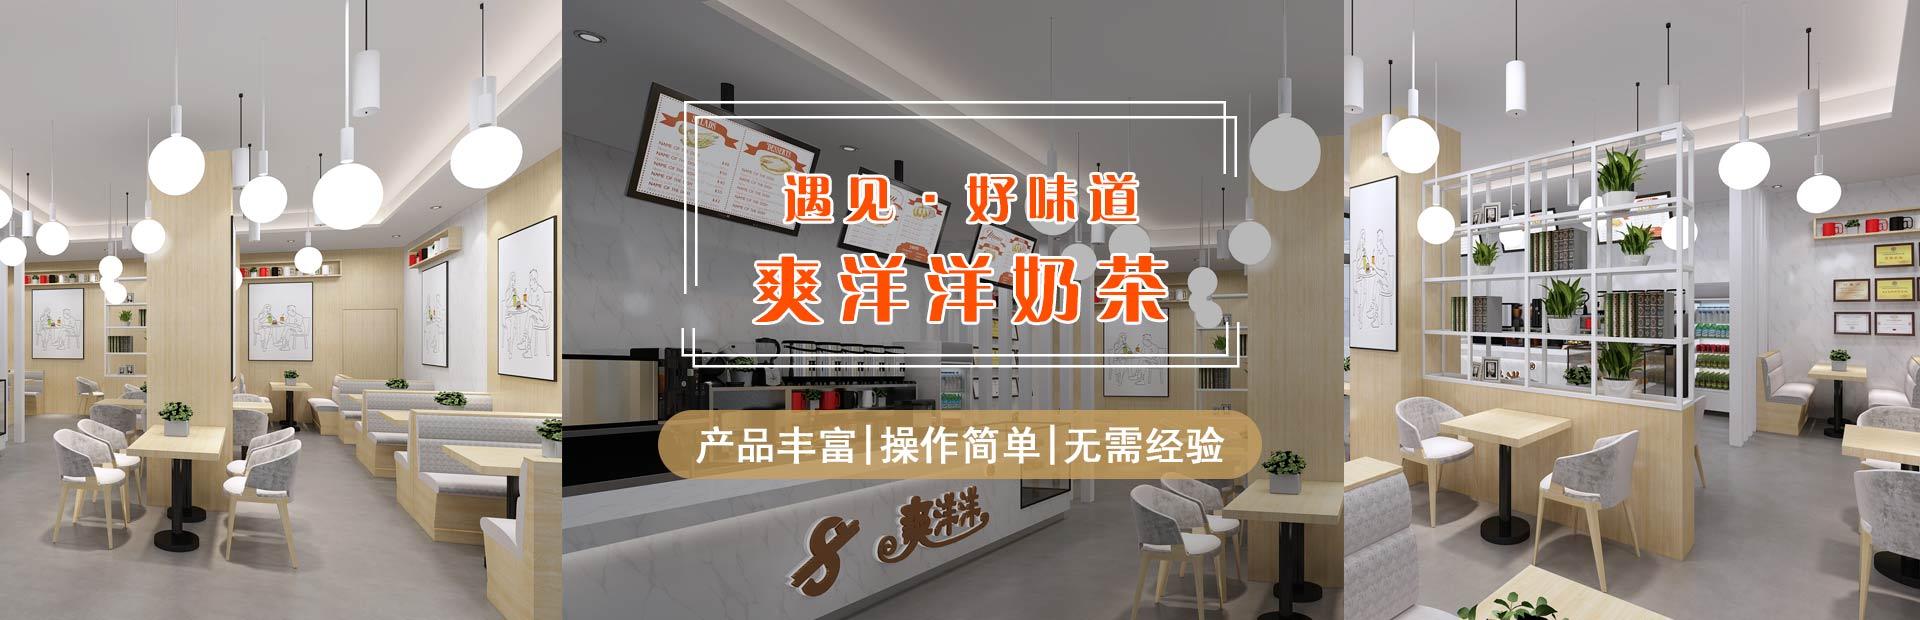 在杭州开奶茶店赚钱吗?